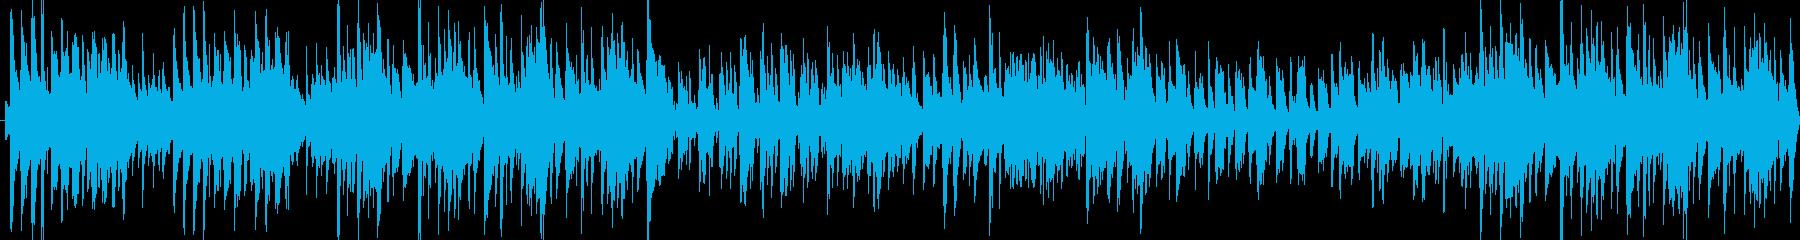 軽やかな雰囲気のマンドリン・ギターポップの再生済みの波形